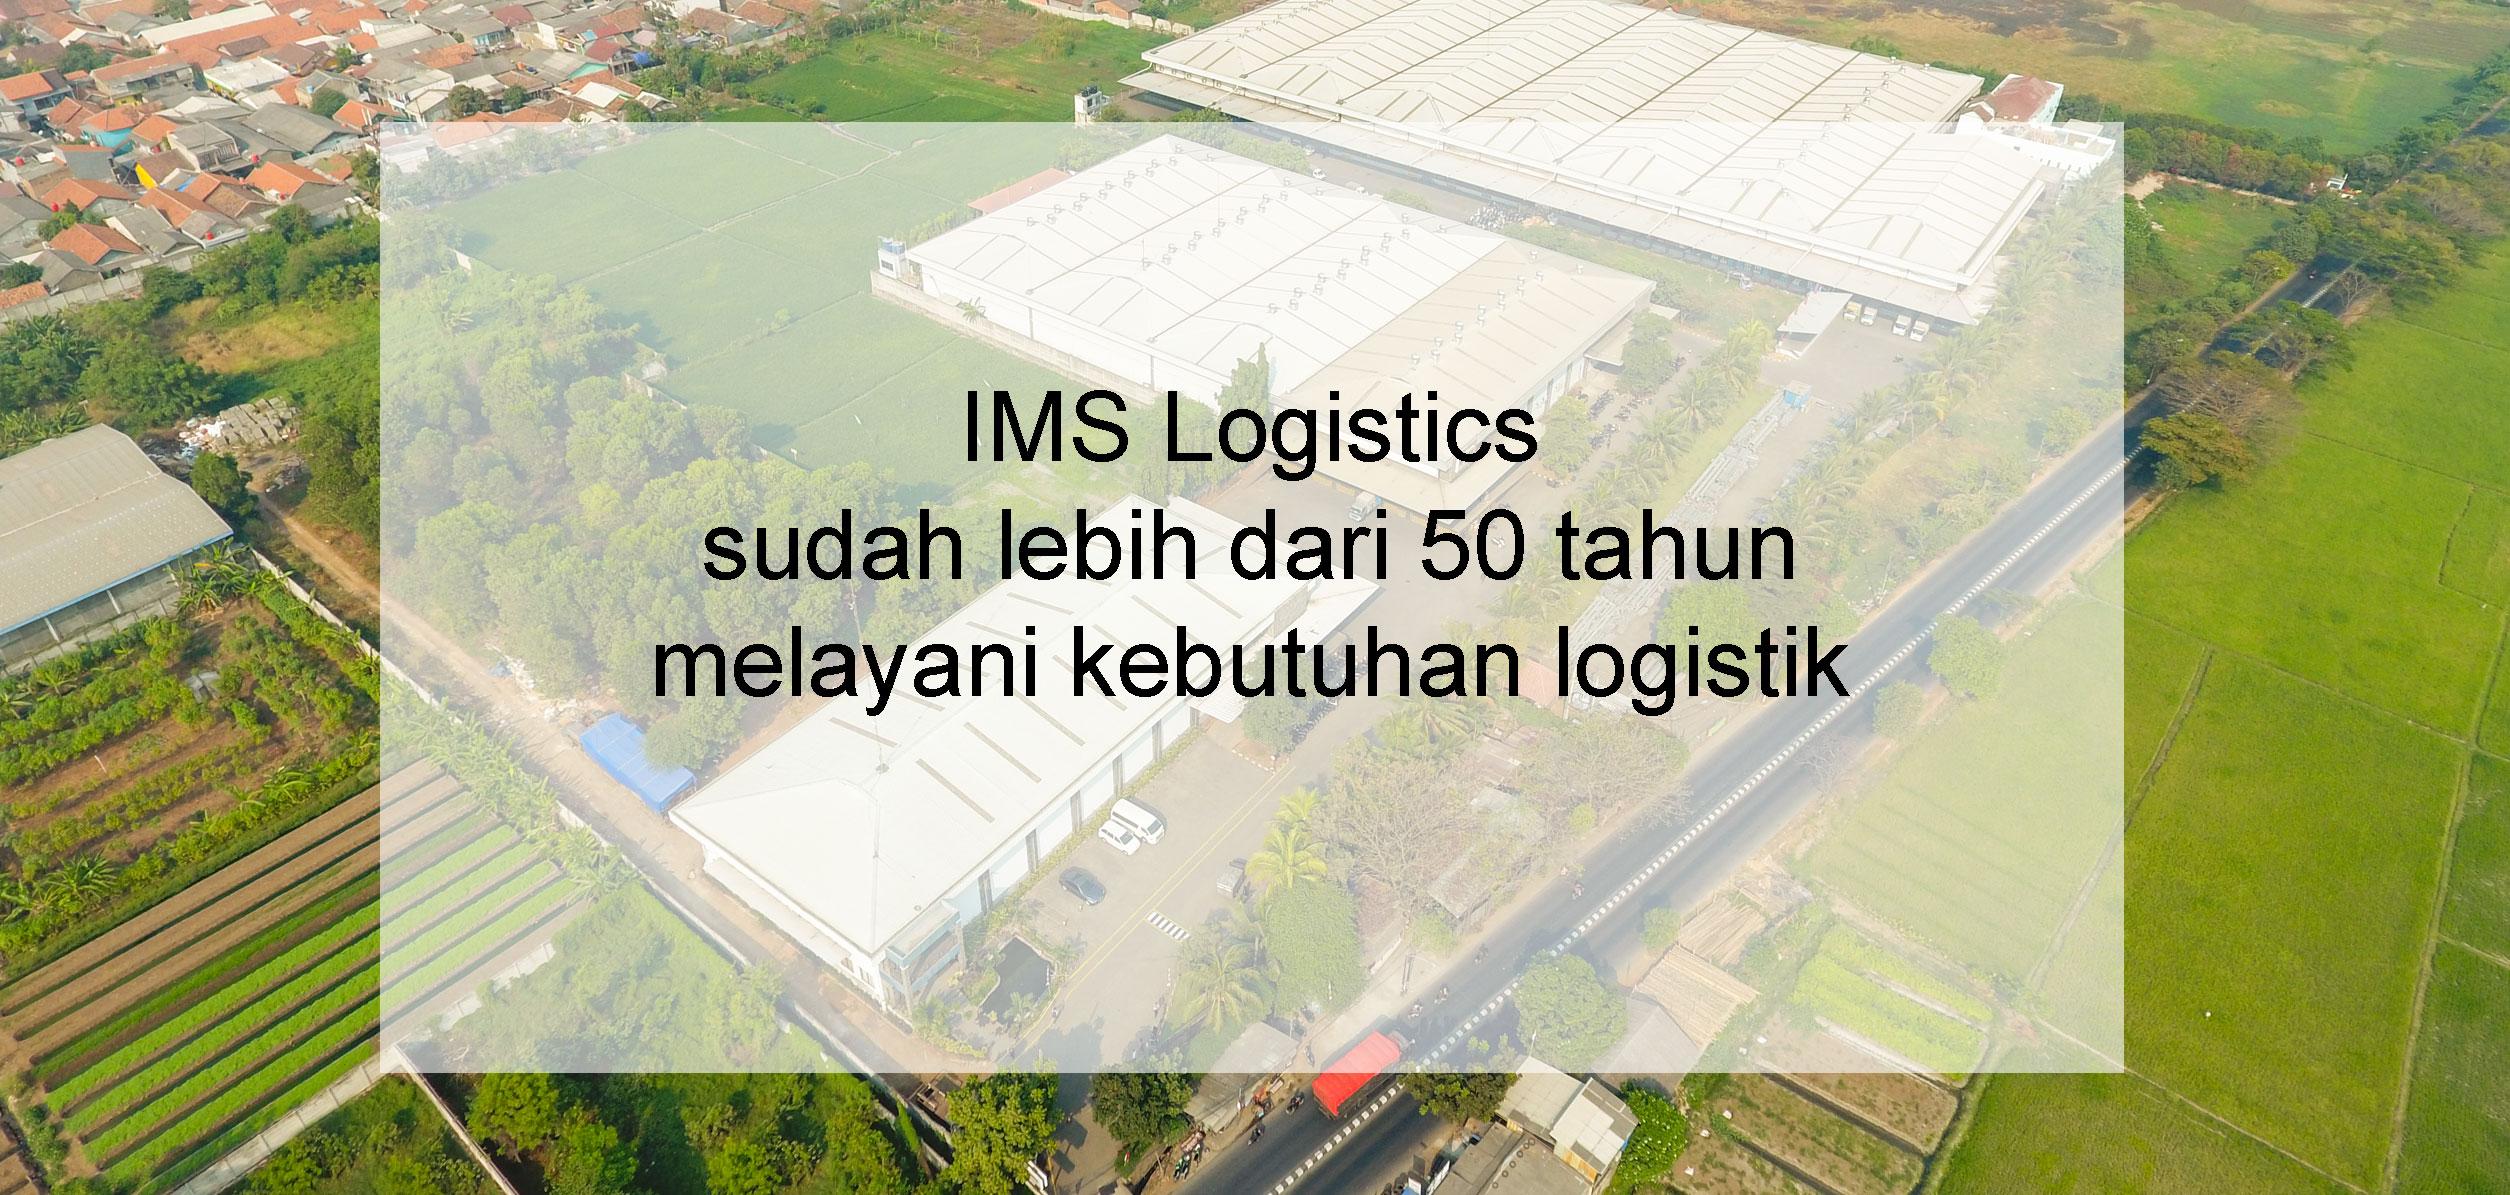 Slider2-rev_IMS-Logistics-sudah-lebih-dari-50-tahun